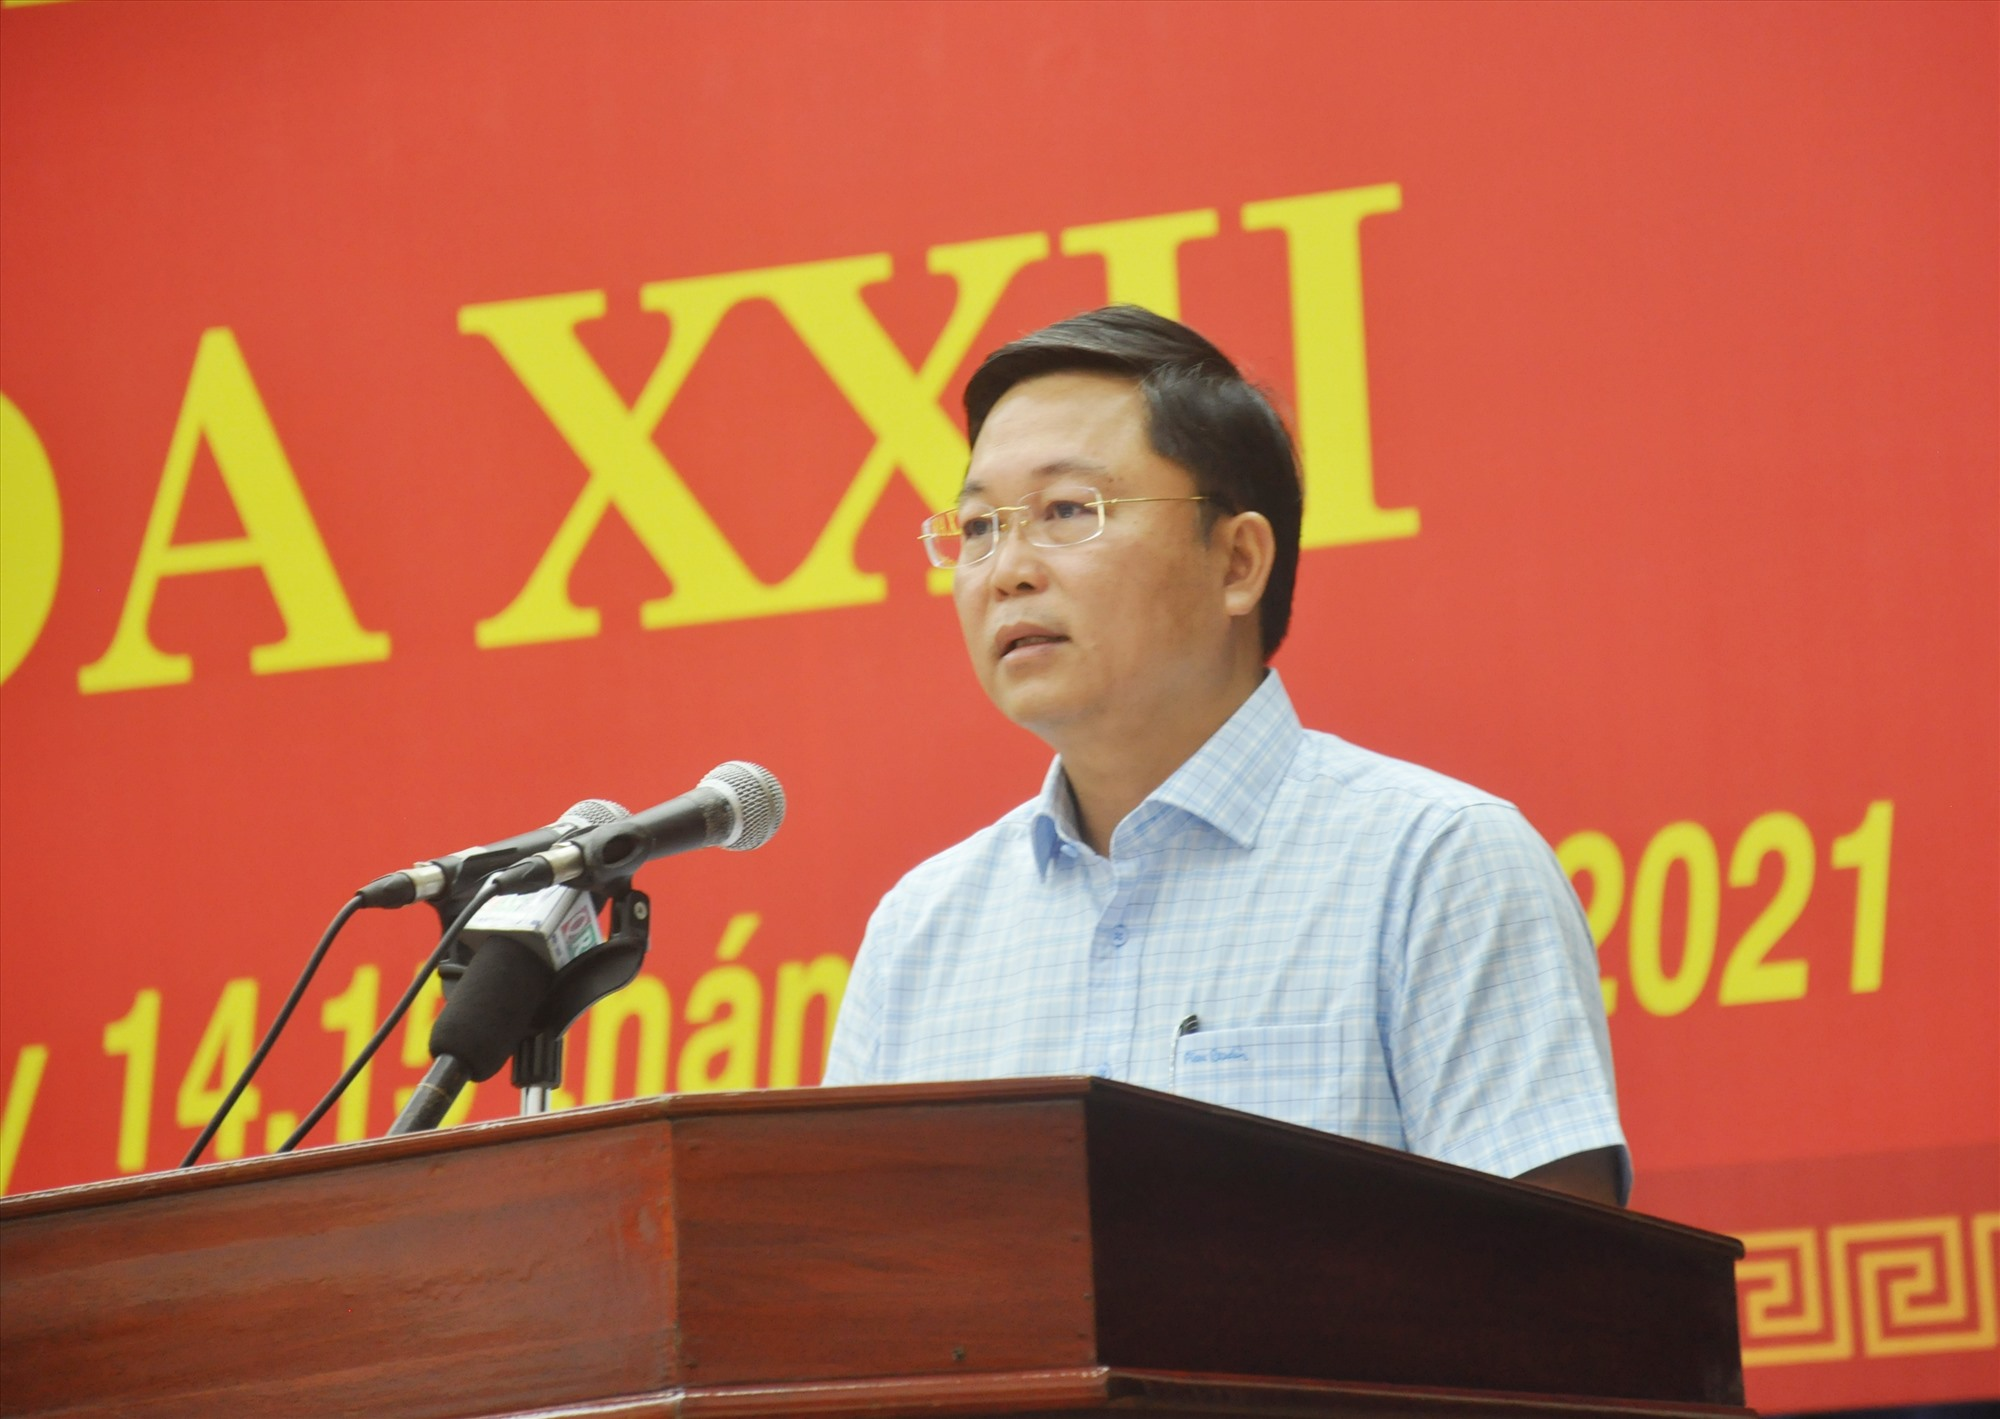 Phó Bí thư Tỉnh ủy, Chủ tịch UBND tỉnh Lê Trí Thanh tiếp thu các ý kiến thảo luận và trao đổi làm rõ thêm các vấn đề được đại biểu nêu ra tại các phiên thảo luận. Ảnh: N.Đ